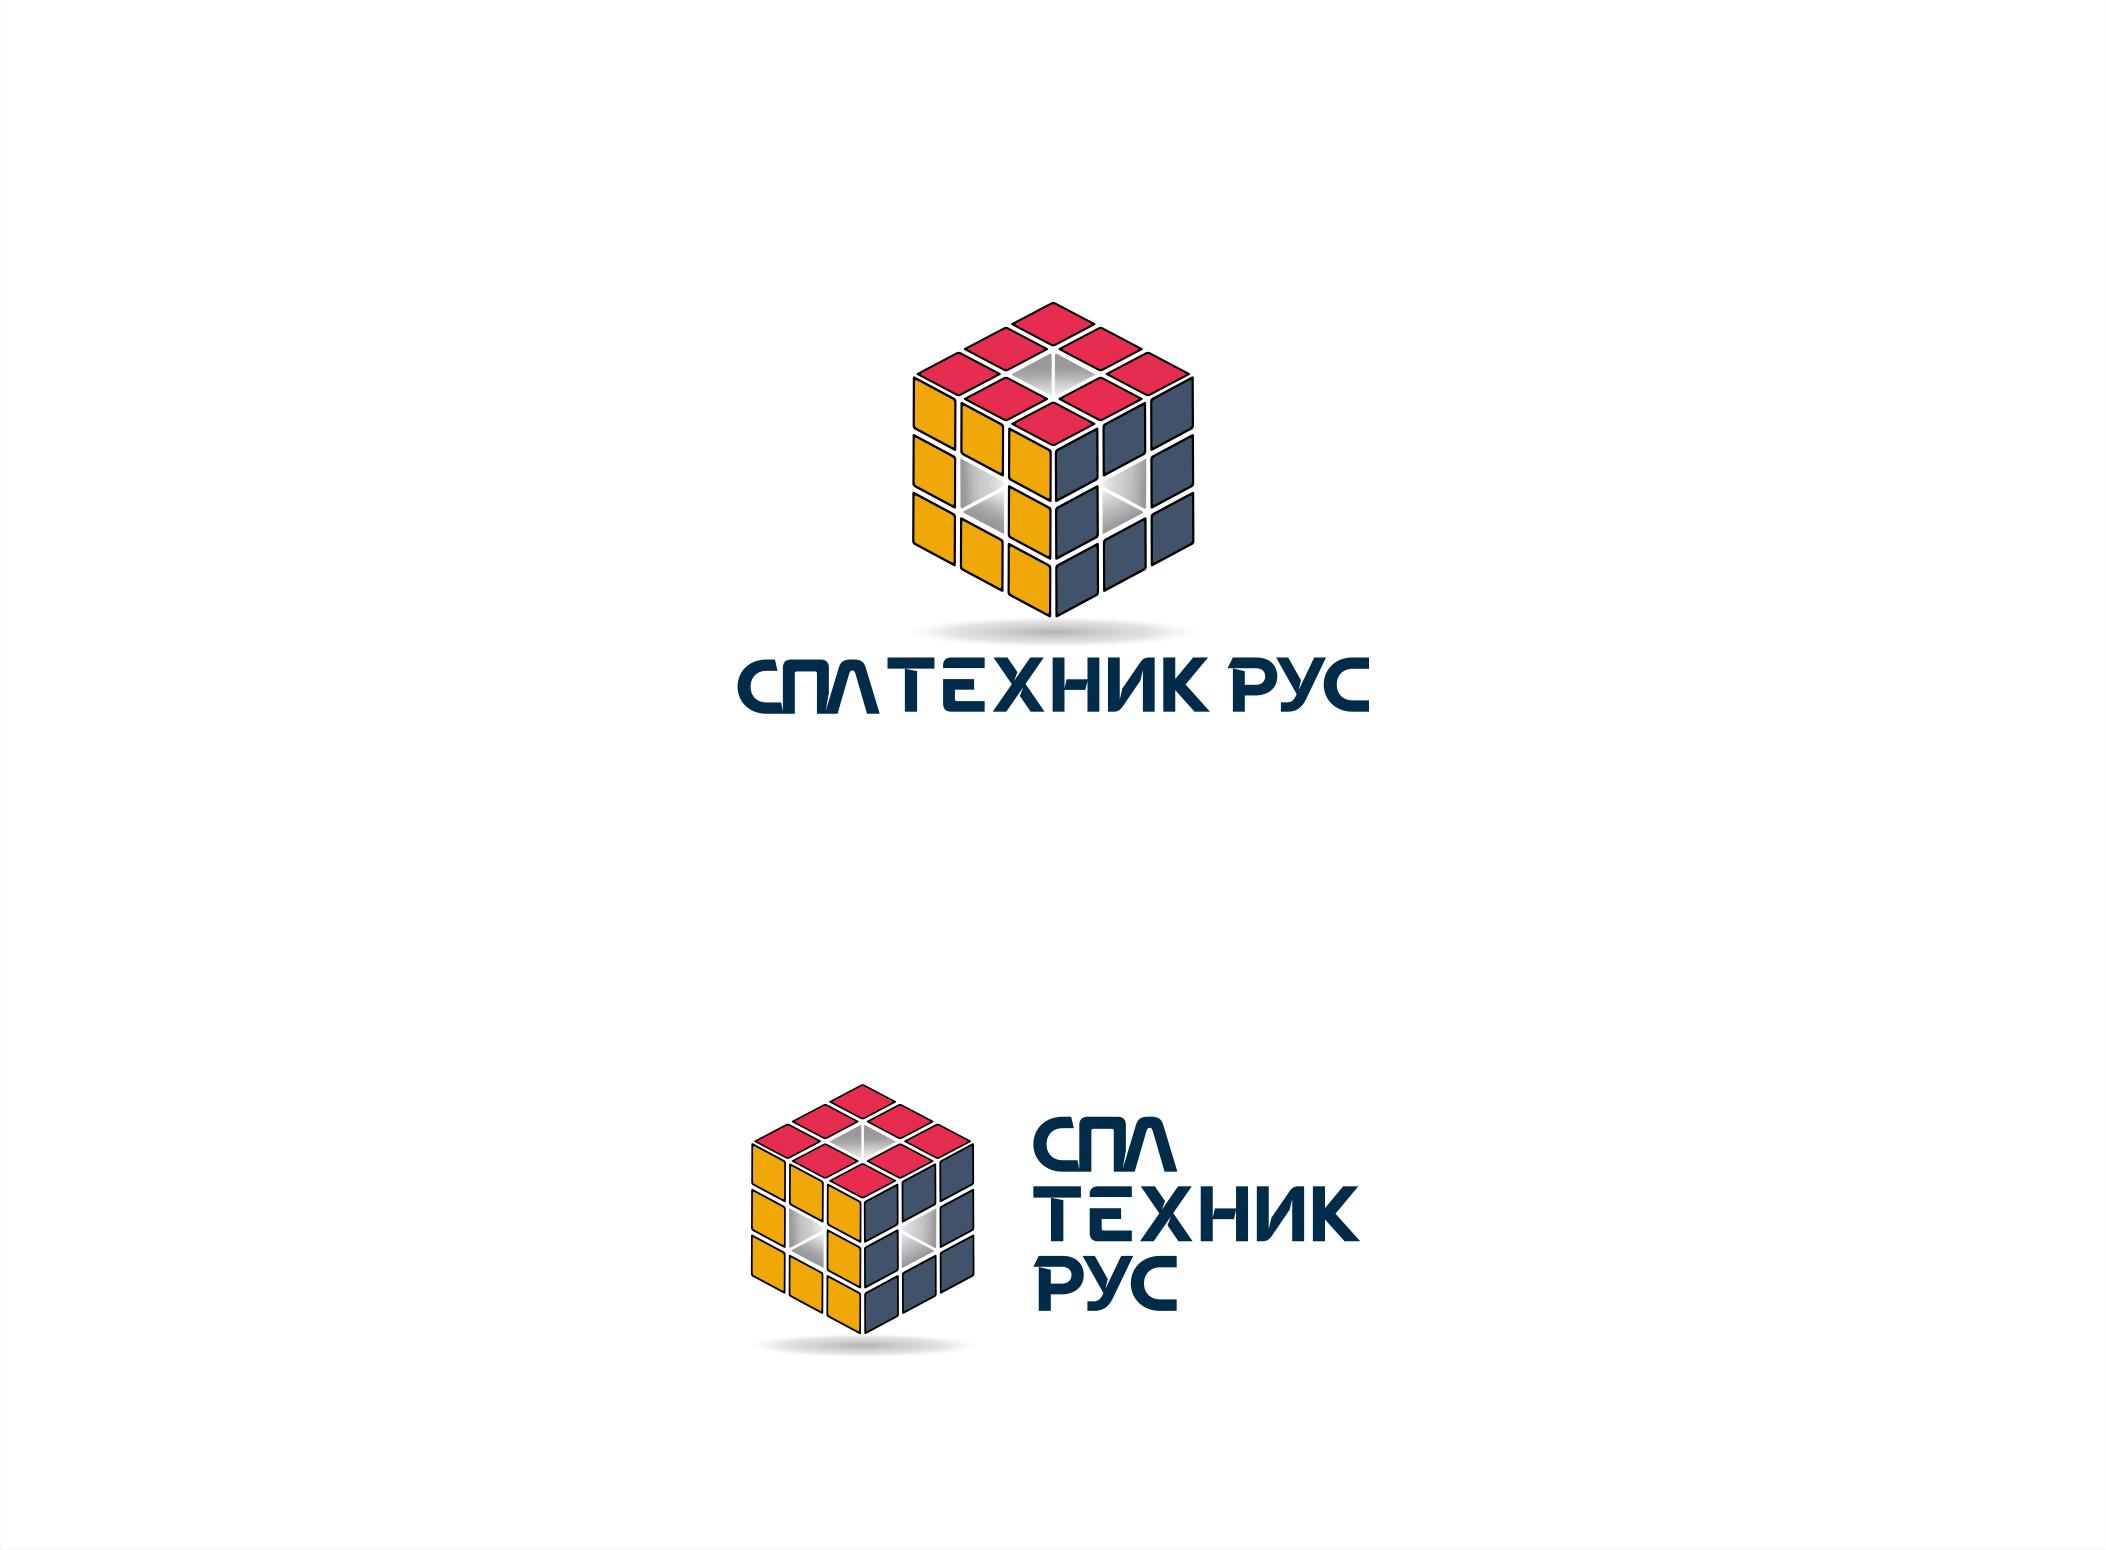 Разработка логотипа и фирменного стиля фото f_01659afc23c097af.png